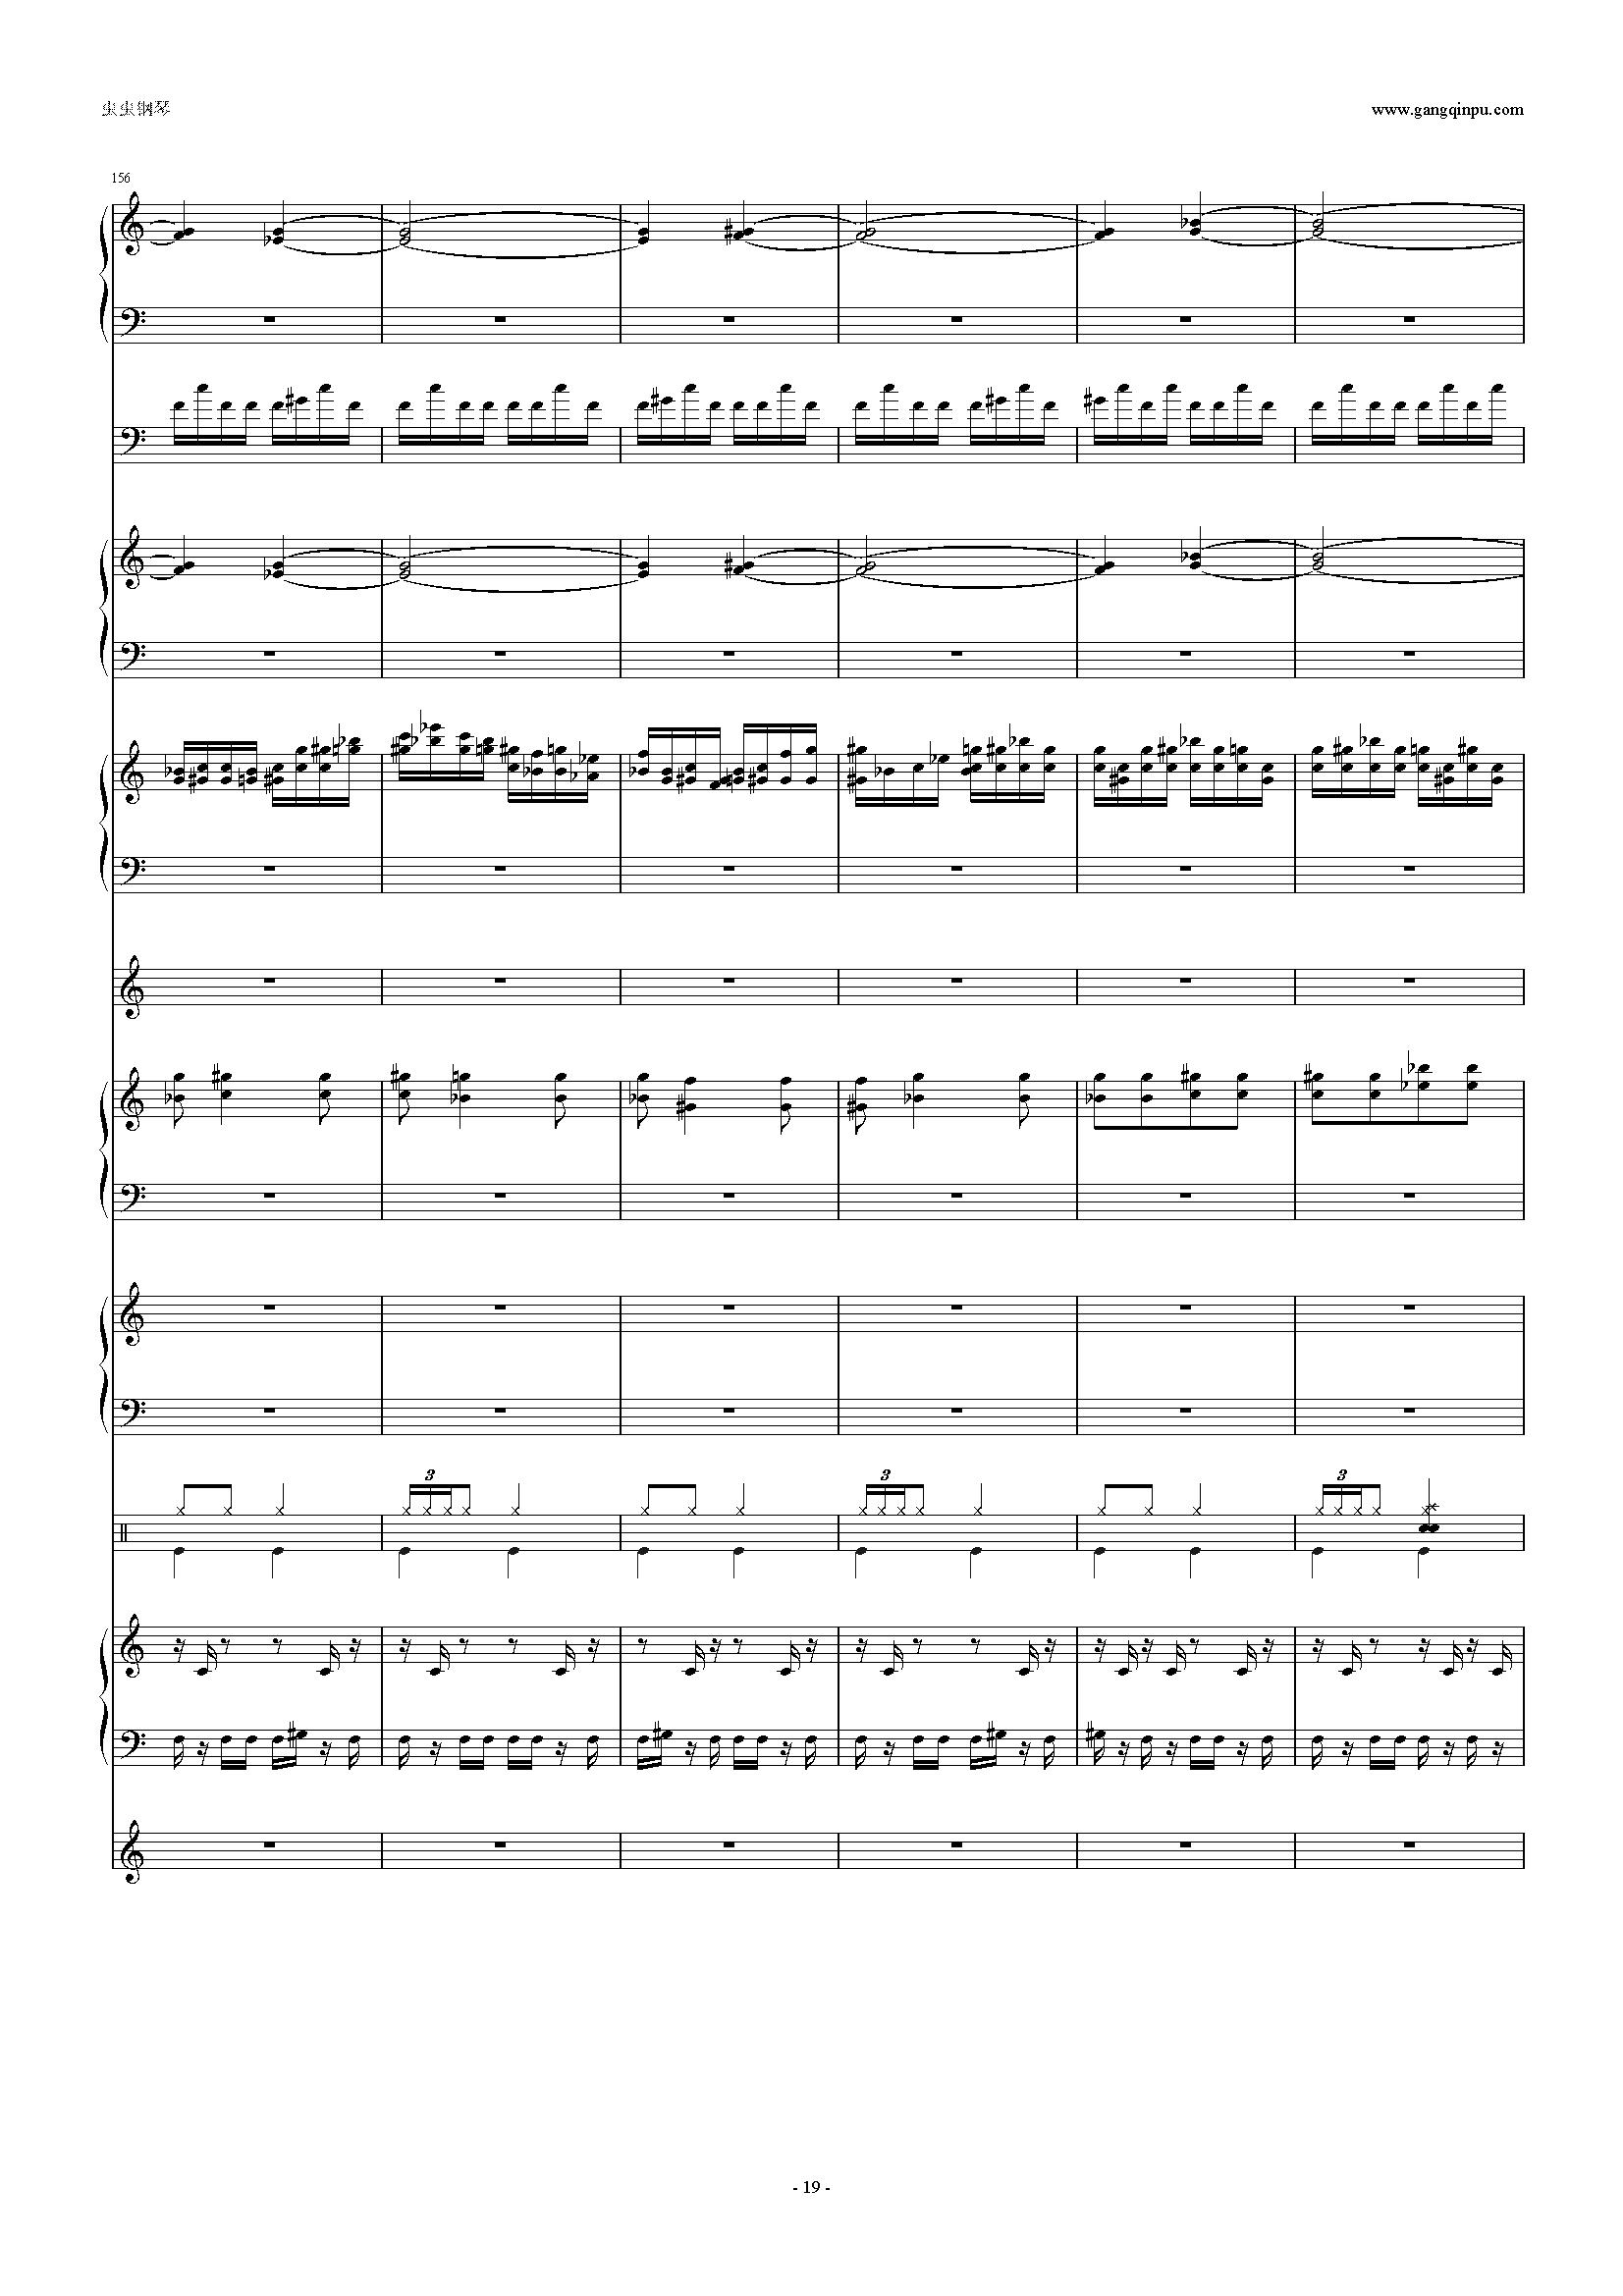 少女幻葬钢琴谱 第19页